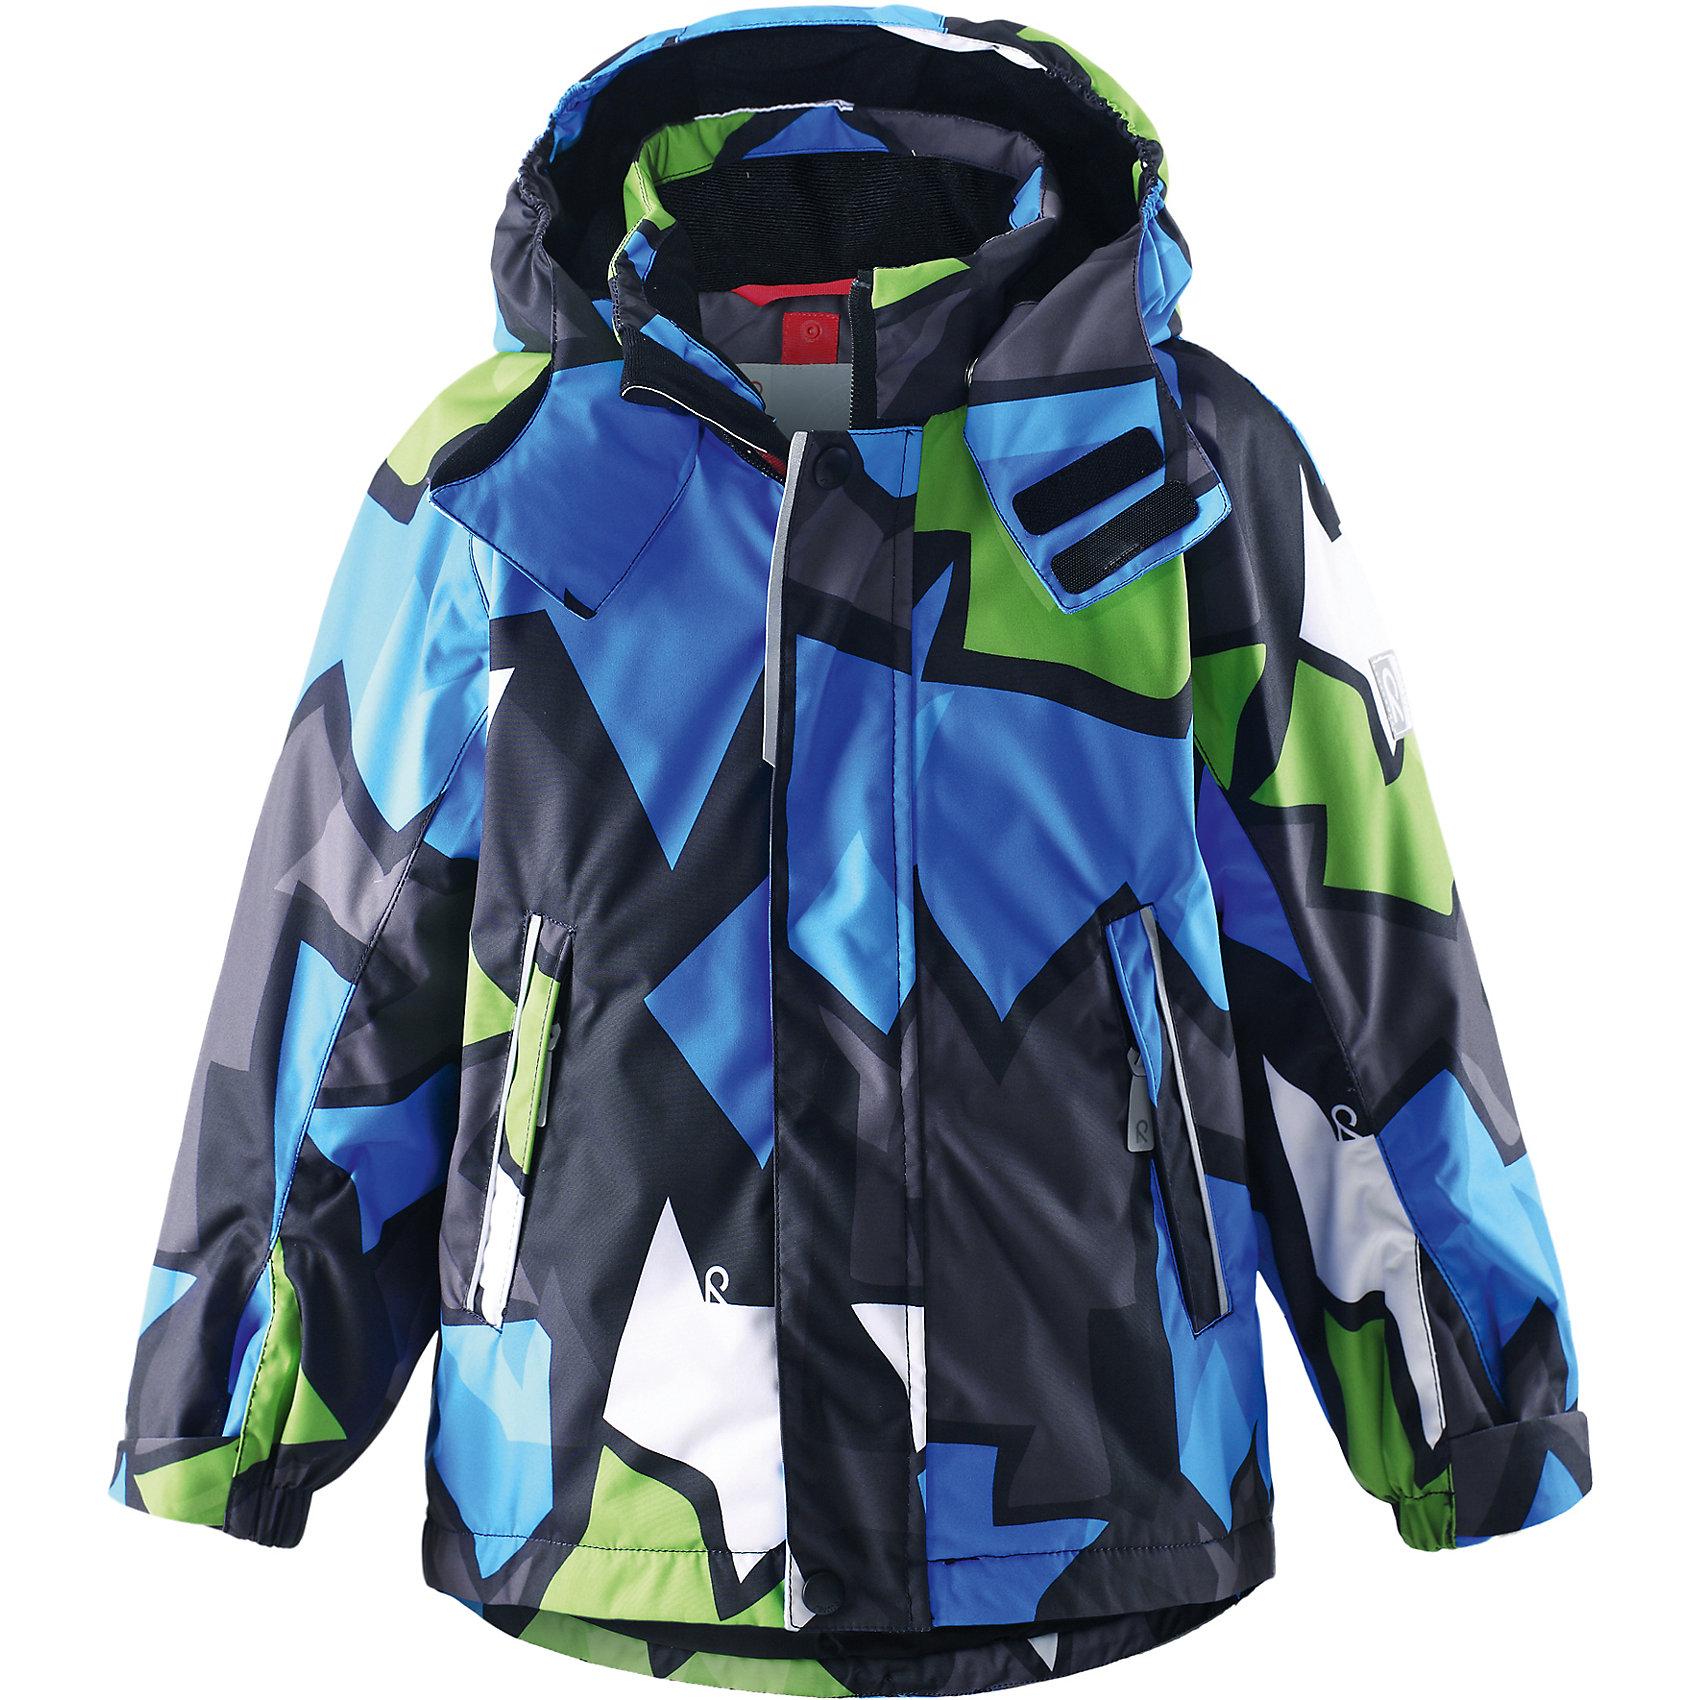 Reima Куртка Kiekko для мальчика Reimatec® Reima reima сапоги slate для мальчика reimatec® reima